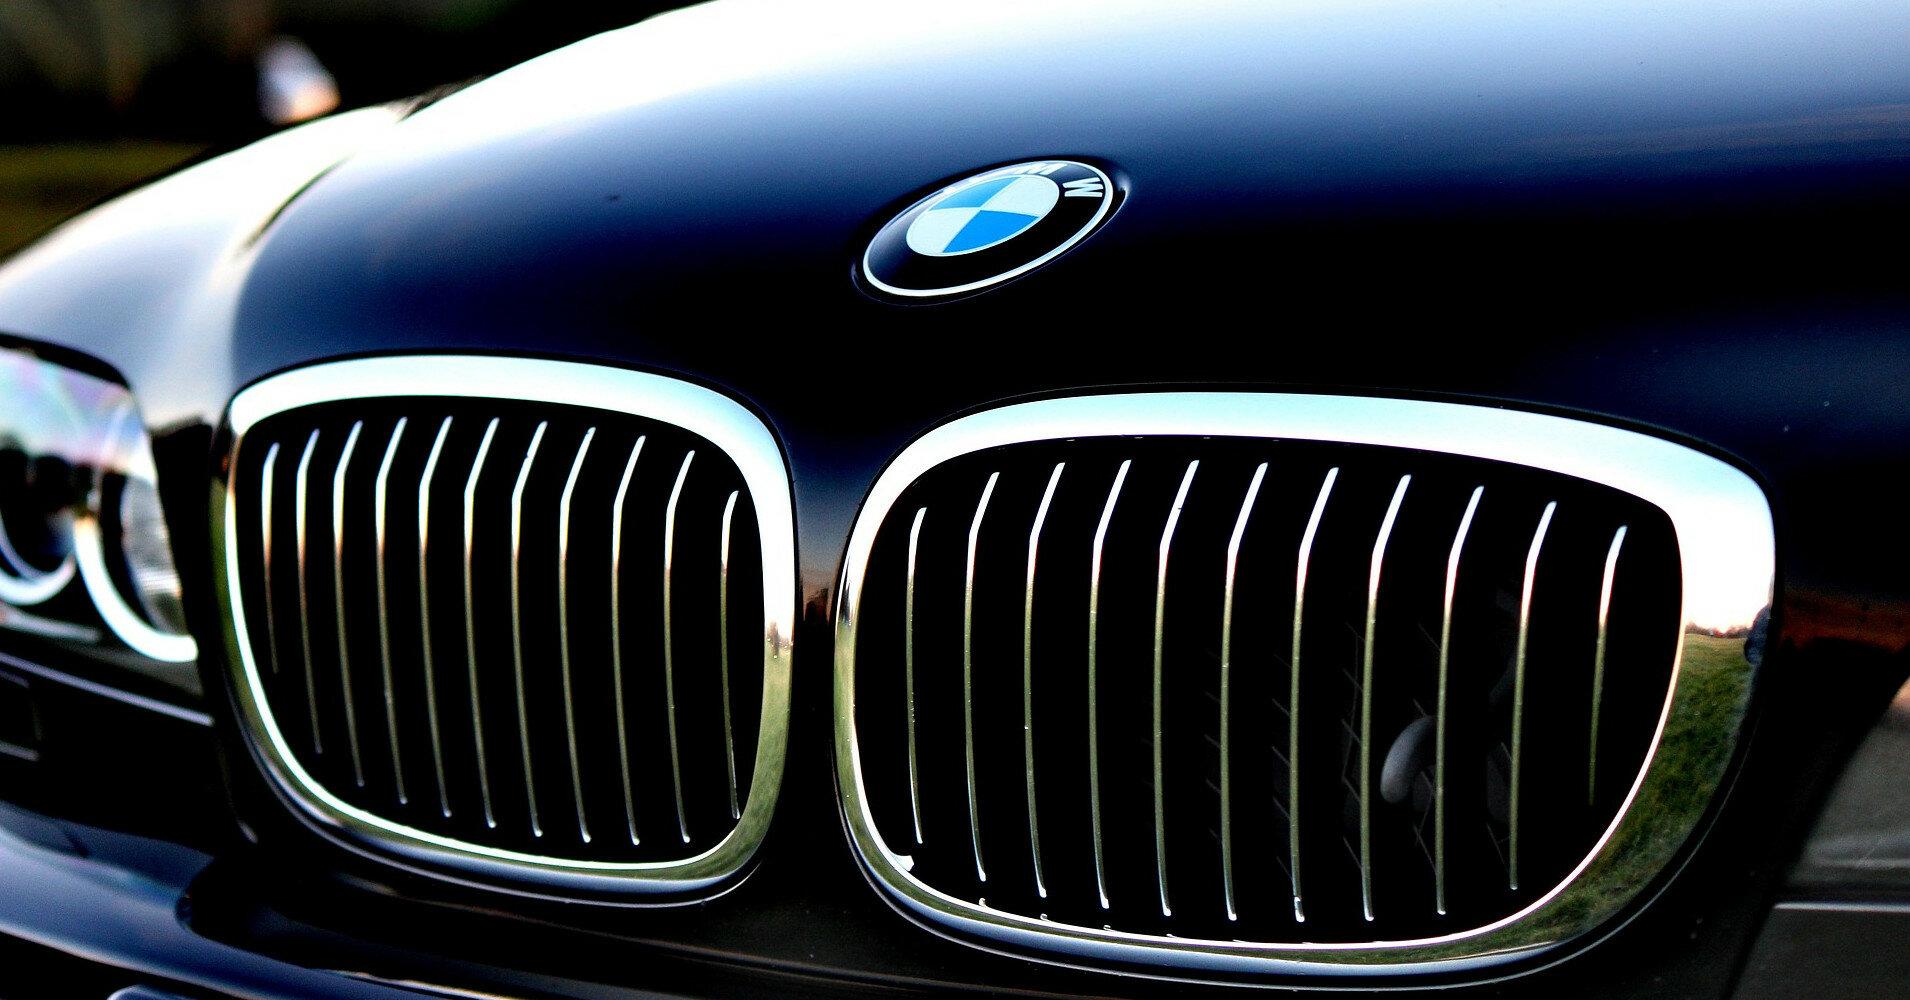 BMW змушений зупиняти роботу заводів через дефіцит мікрочипів